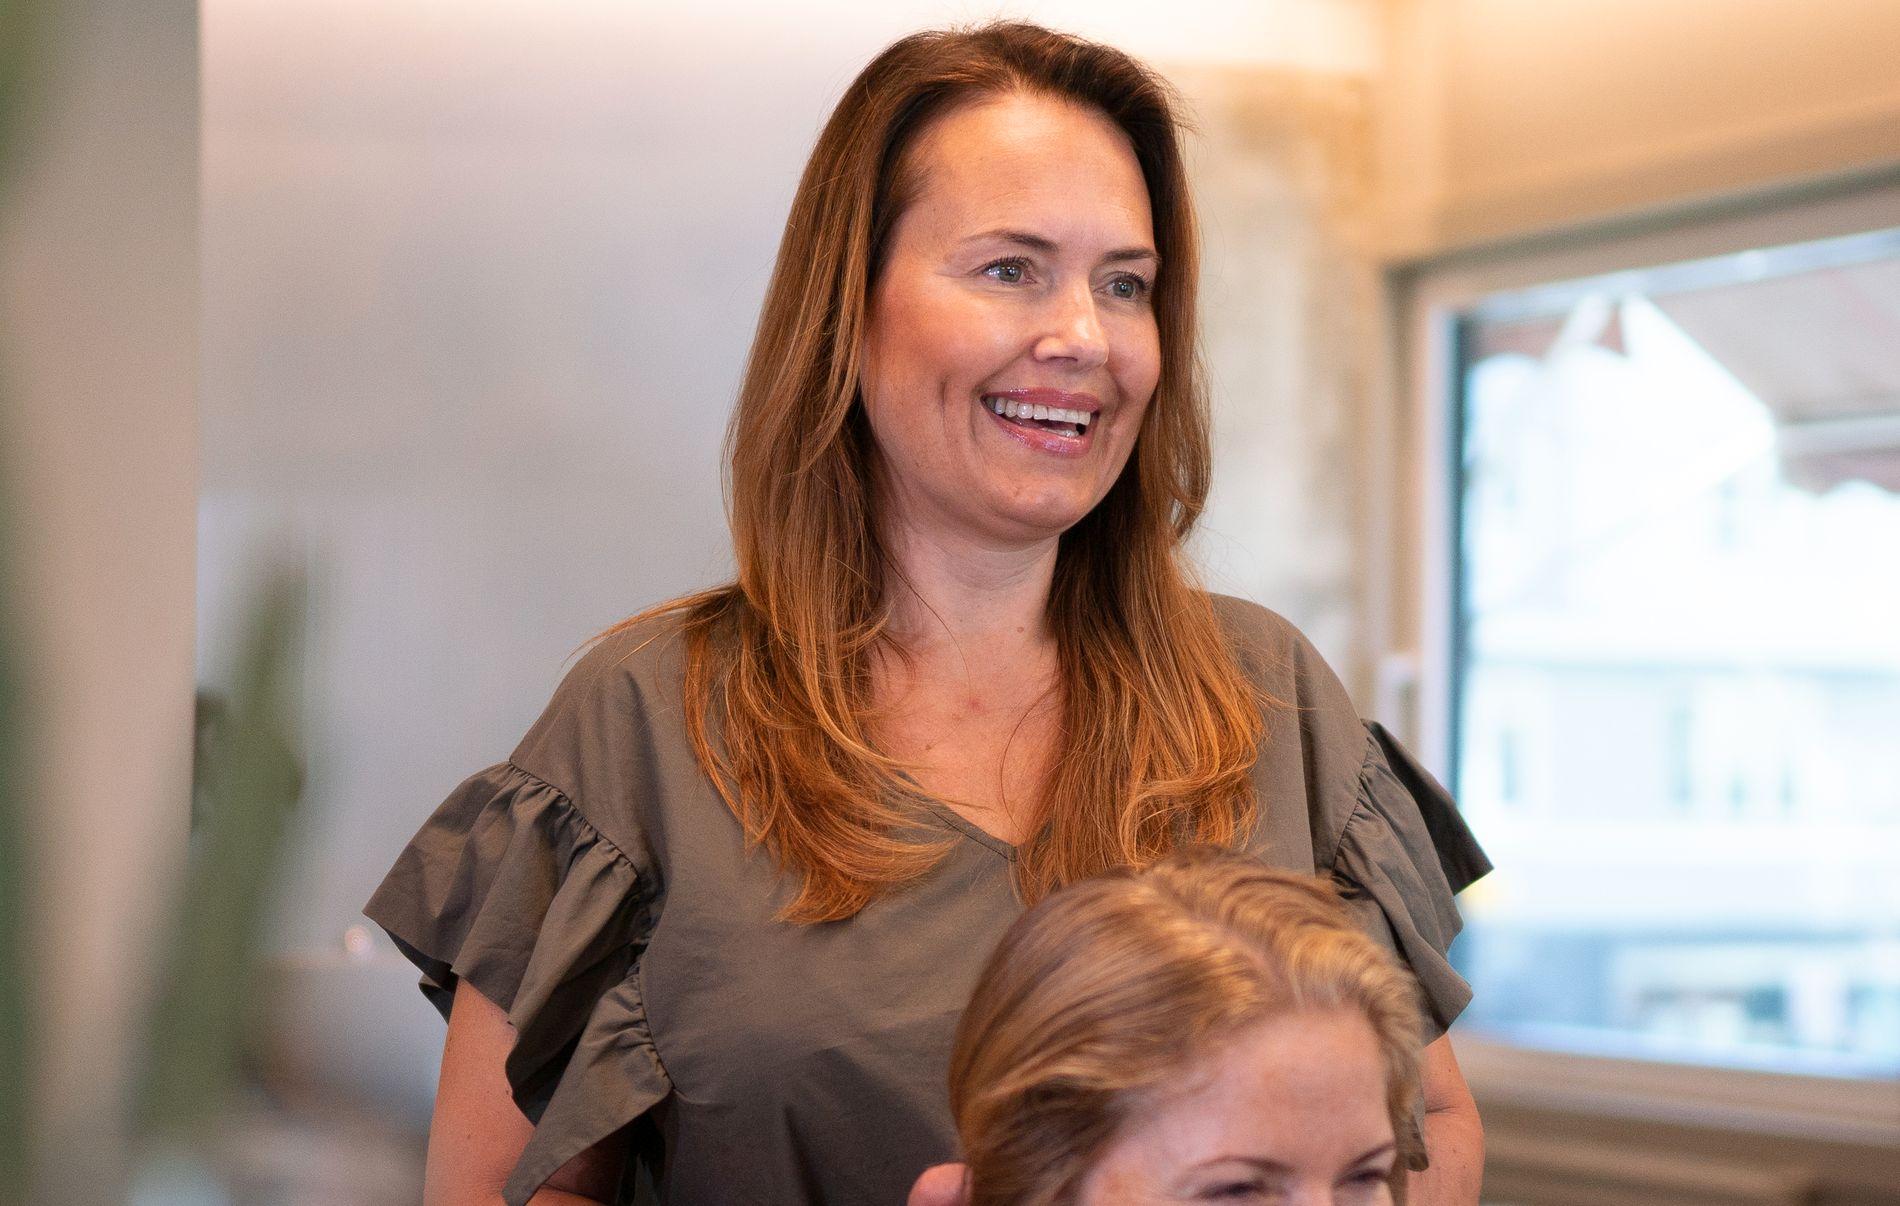 Nina får gode tilbakemeldinger fra kundene sine som bruker Hair Luxious.